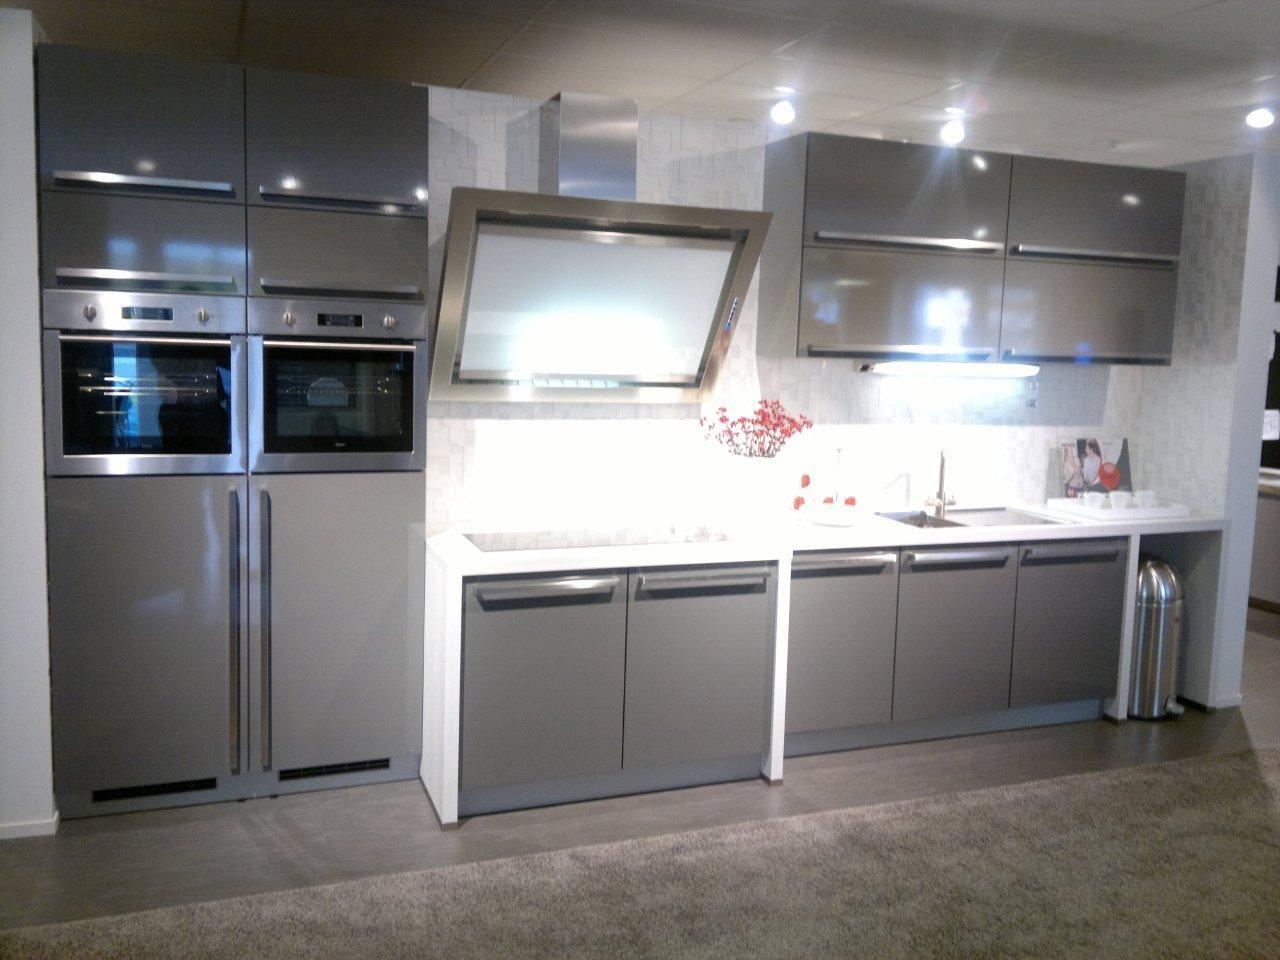 Moderne Keuken Keukenconcurrent : Showroomkeukens alle showroomkeuken aanbiedingen uit nederland